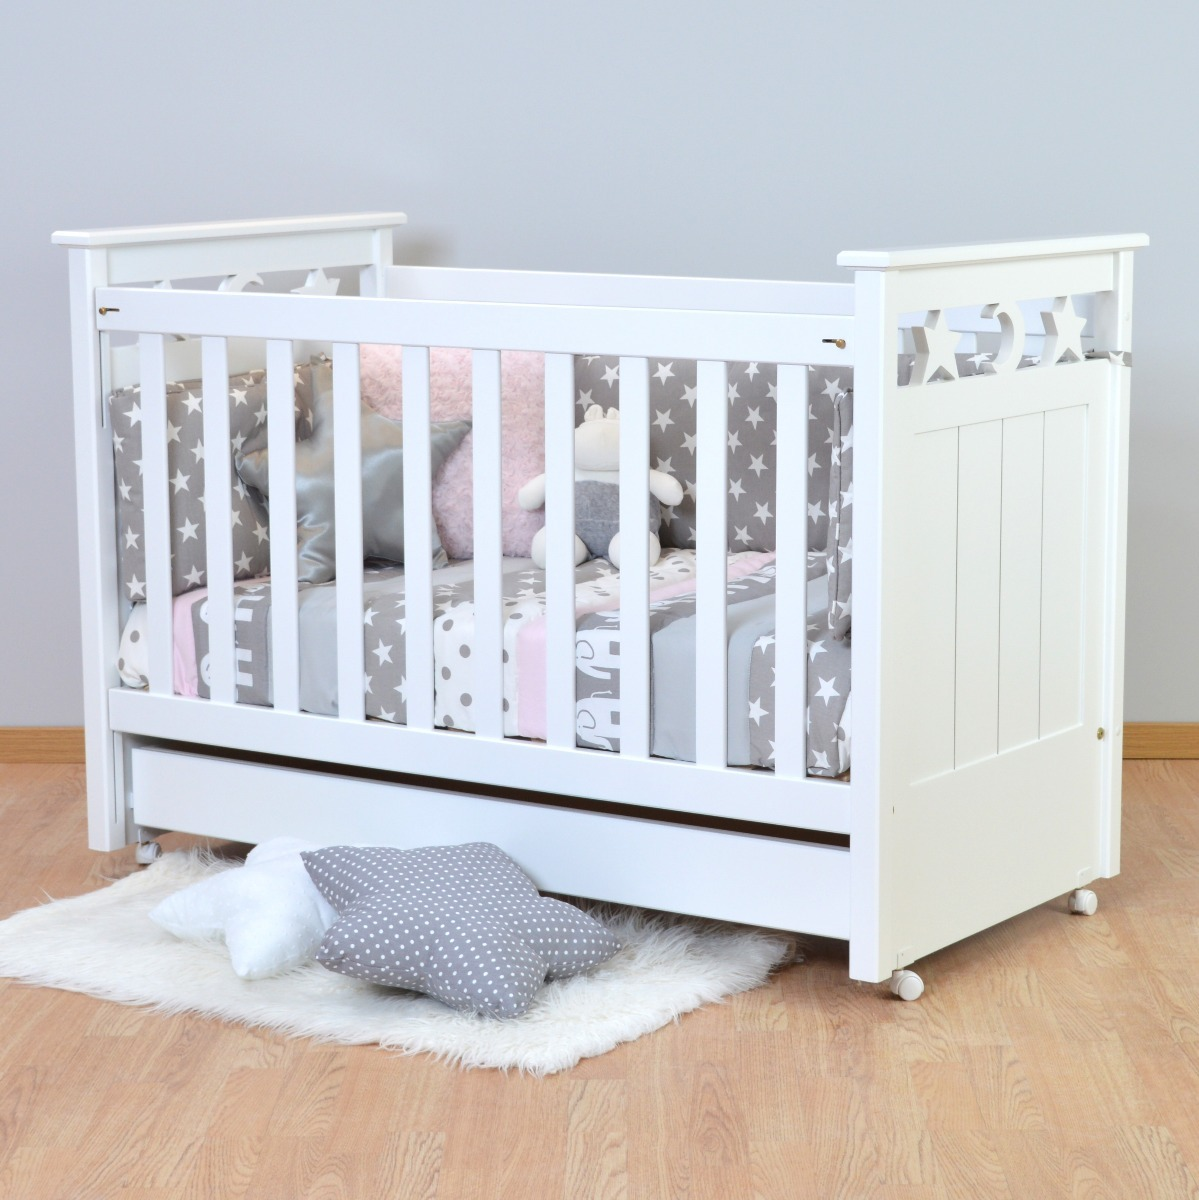 Asombroso Cunas Para Bebés Se Dirigen A Los Muebles Motivo - Muebles ...